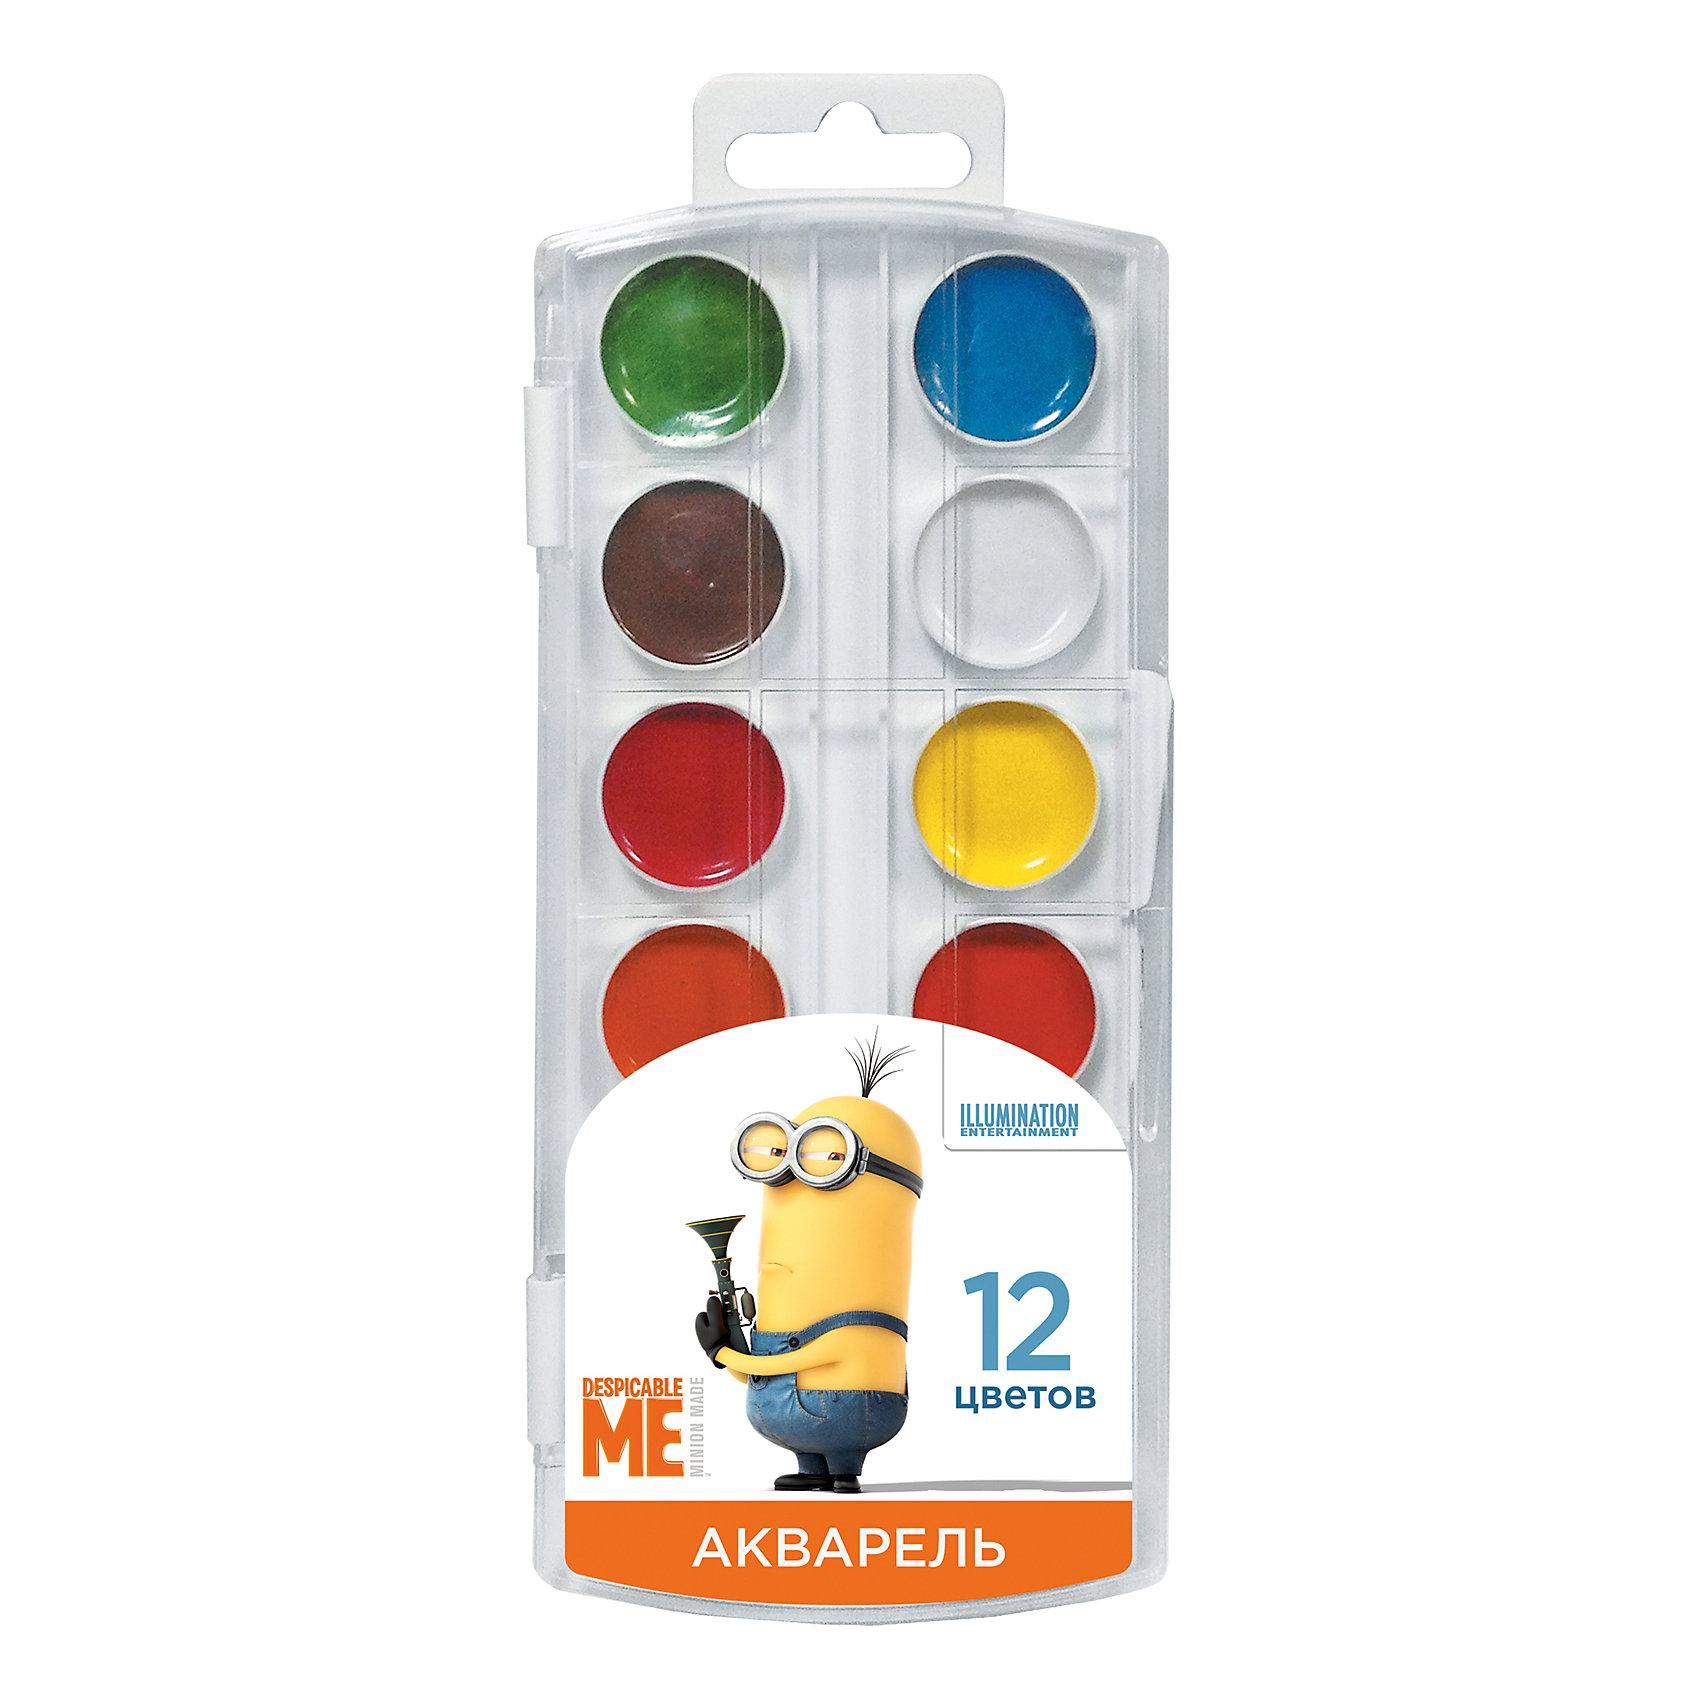 Акварель Гадкий Я 12 цветовМиньоны<br>В наборе акварельных красок «Гадкий Я» 12 насыщенных цветов, которые помогут вашему малышу создать яркие картинки. Краски идеально подходят для рисования: они хорошо размываются водой, легко наносятся на поверхность, быстро сохнут, безопасны при использовании по назначению. <br><br>Дополнительная информация:<br><br>Состав: вода питьевая, декстрин, глицерин, сахар, органические и неорганические тонкодисперсные пигменты, консервант, наполнитель.<br>Не содержит спирта. <br>Срок годности не ограничен.<br>Размер упаковки: 8,5х19,7х1,2 см.<br><br>Акварель Гадкий Я 12 цветов можно купить в нашем магазине.<br><br>Ширина мм: 195<br>Глубина мм: 80<br>Высота мм: 10<br>Вес г: 80<br>Возраст от месяцев: 36<br>Возраст до месяцев: 108<br>Пол: Унисекс<br>Возраст: Детский<br>SKU: 4602315